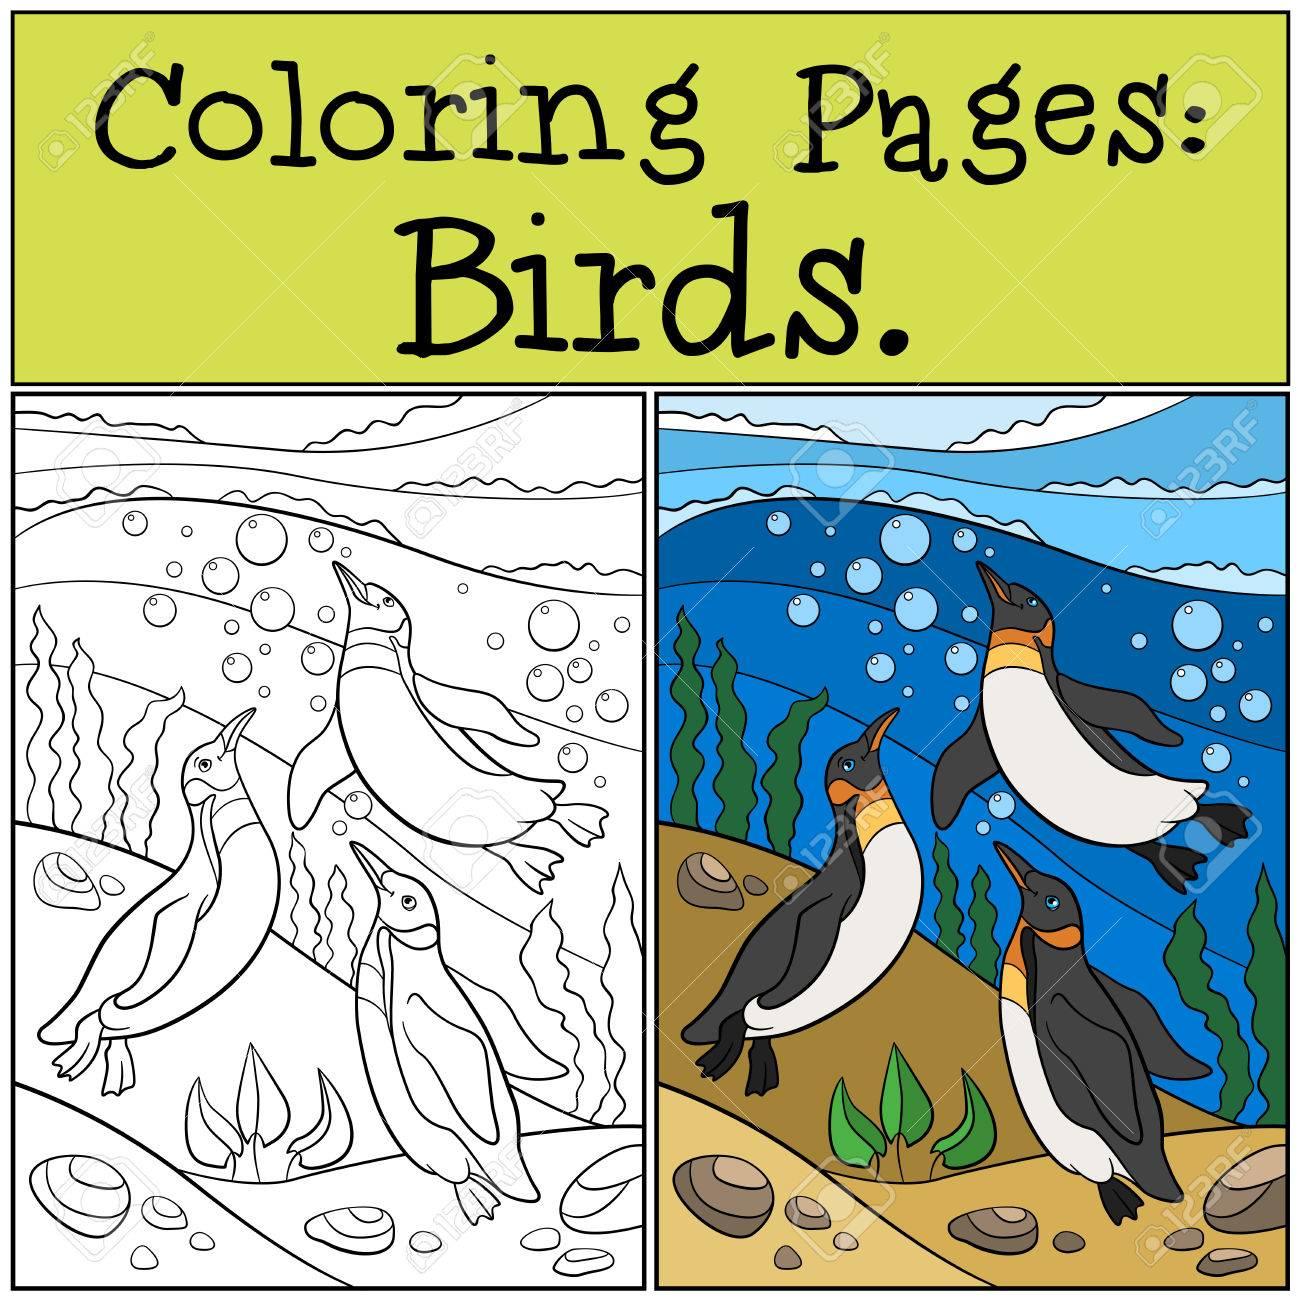 Kleurplaten Onder Water.Kleurplaten Birds Drie Kleine Schattige Pinguins Zwemmen Onder